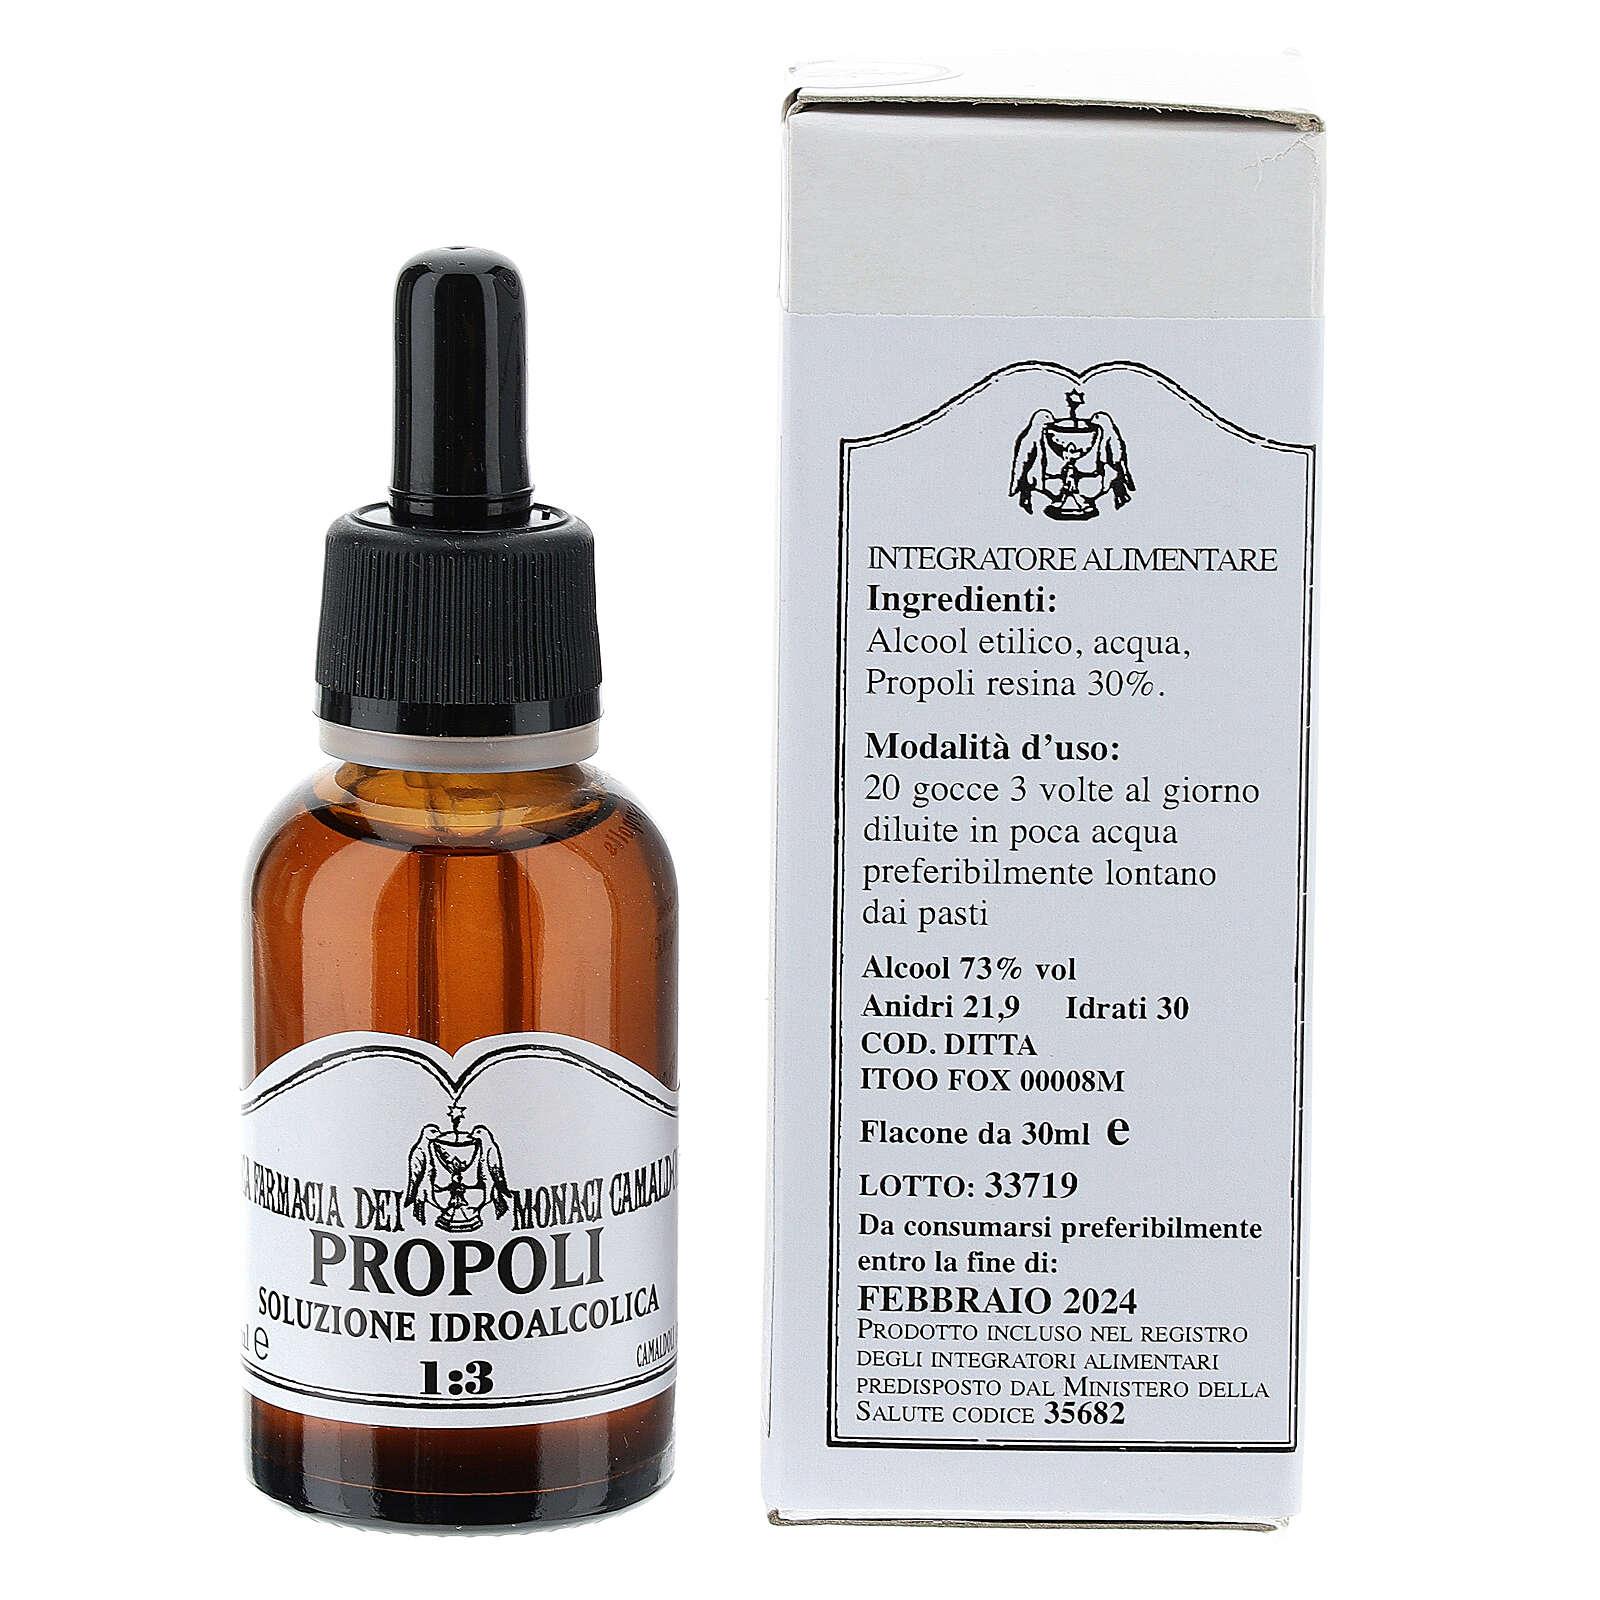 Propolis-Alkohol-Lösung 30ml 3